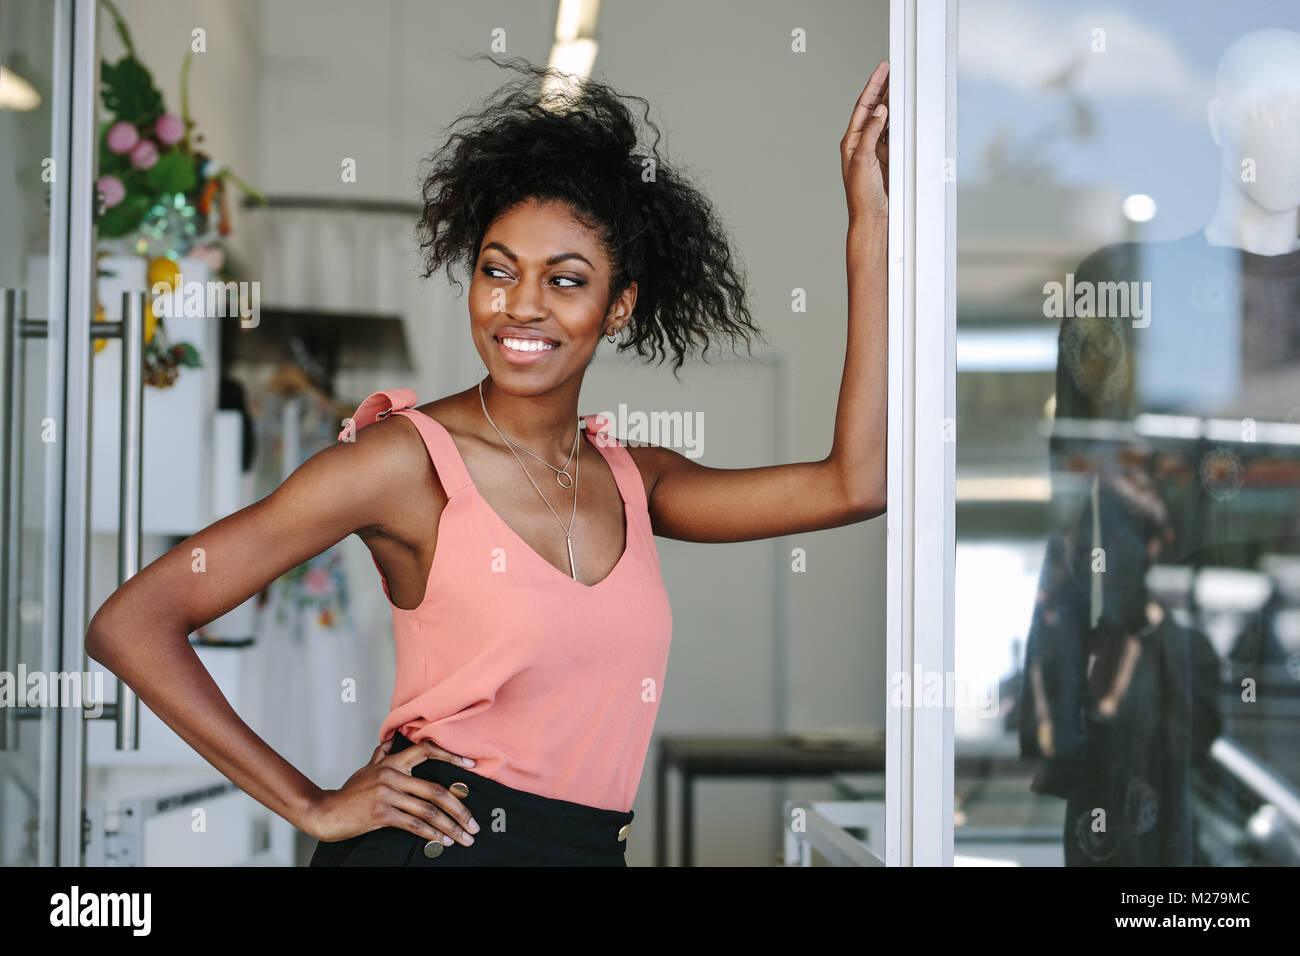 4918e5f64a61 Abito sorridente designer nel suo negozio di stoffa con abiti firmati sul  display. Imprenditrice donna